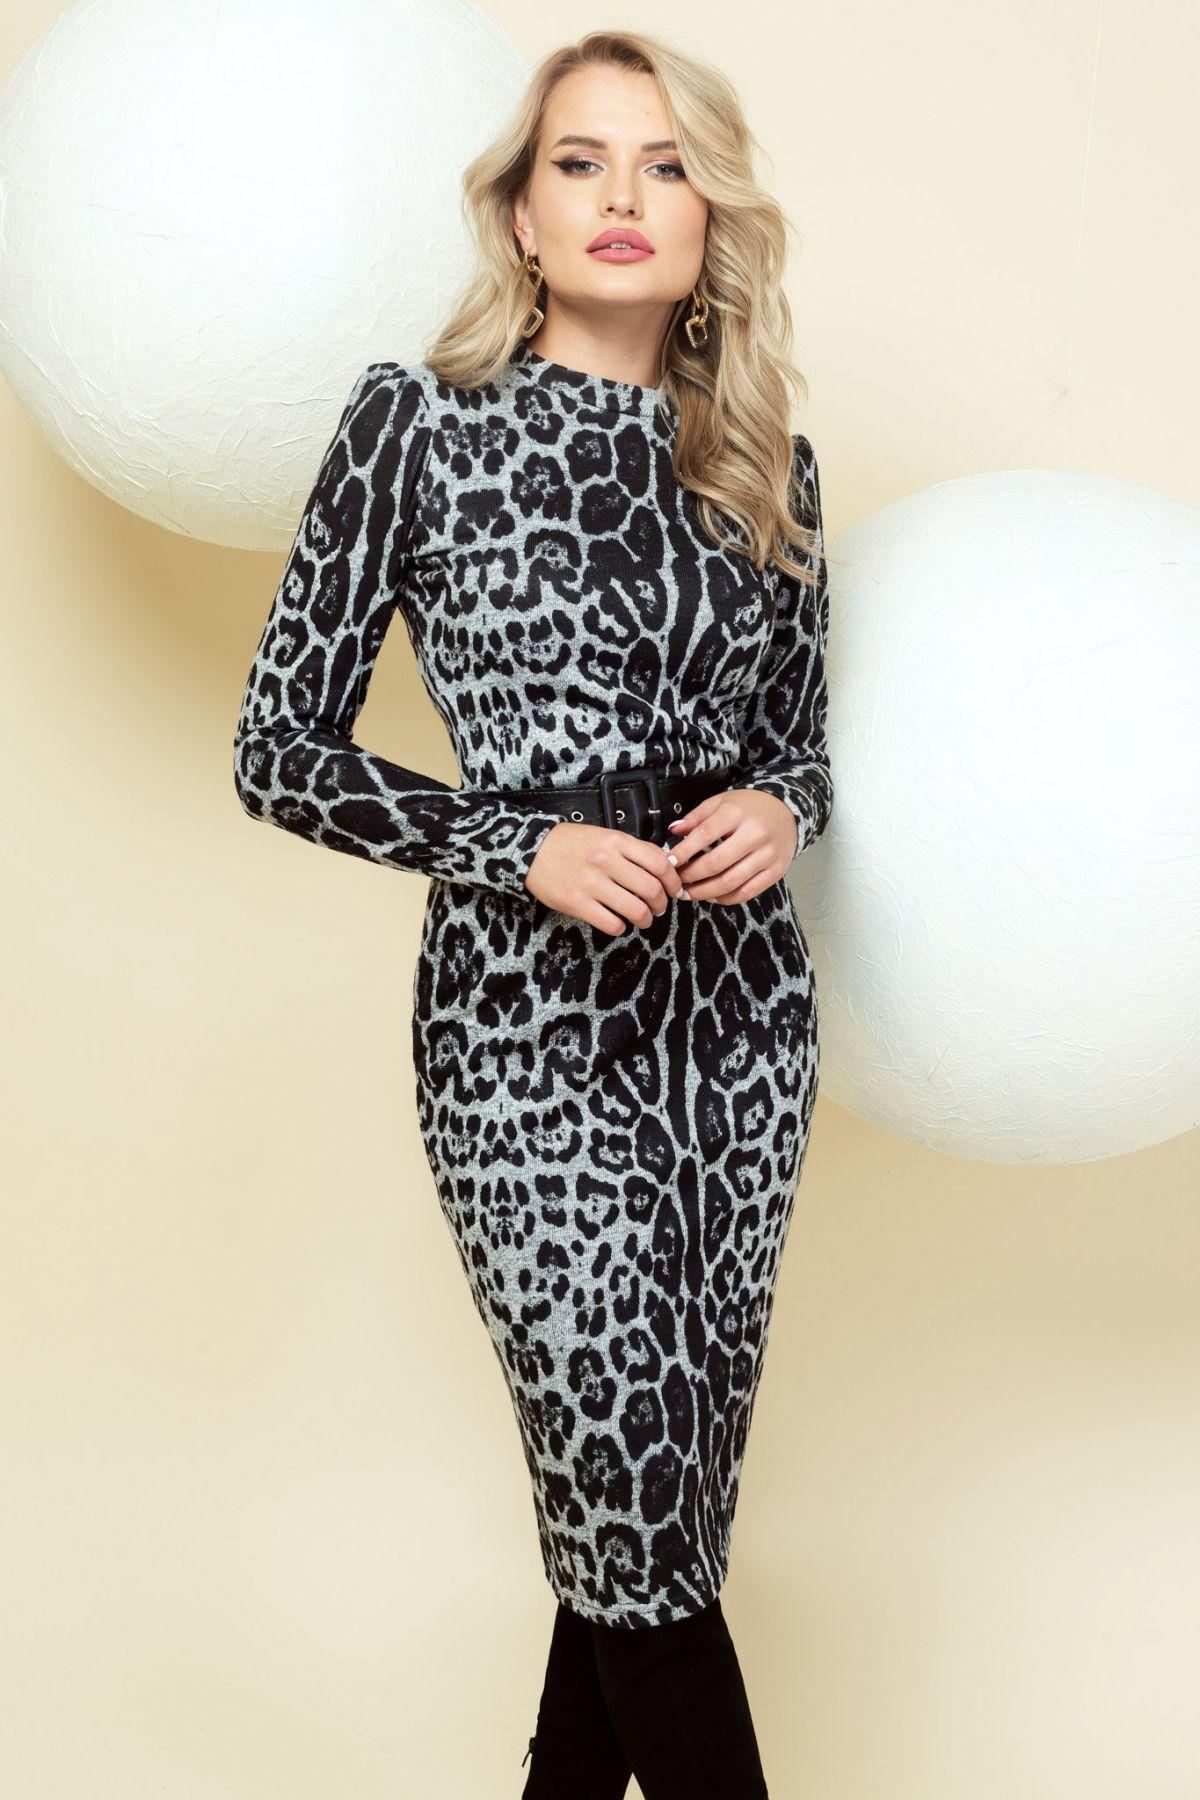 Rochie Pretty Girl cambrata gri cu imprimeu leopard Pretty-Girl